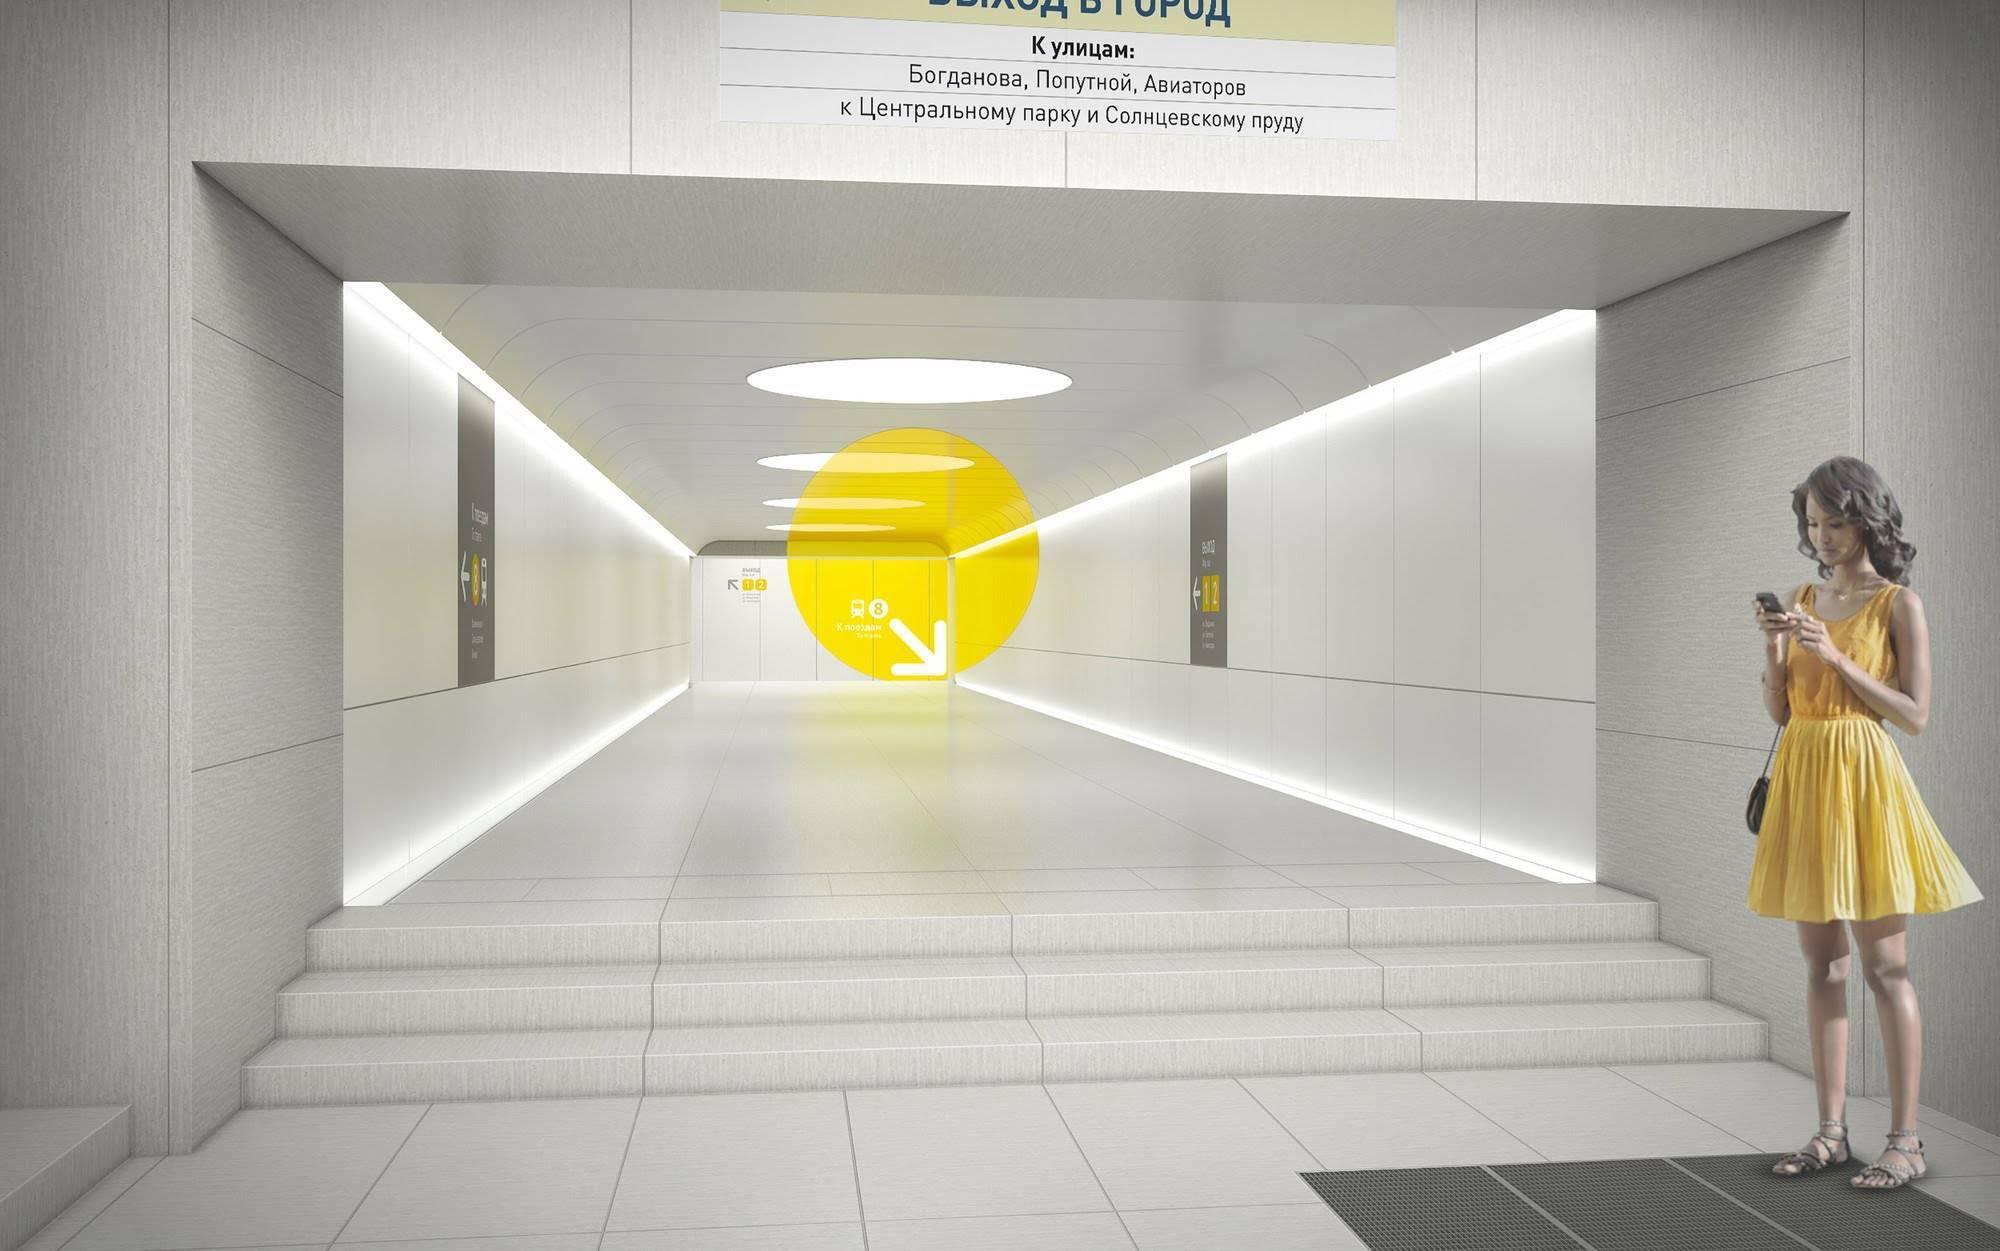 В столичном метро появится оптическая иллюзия солнца